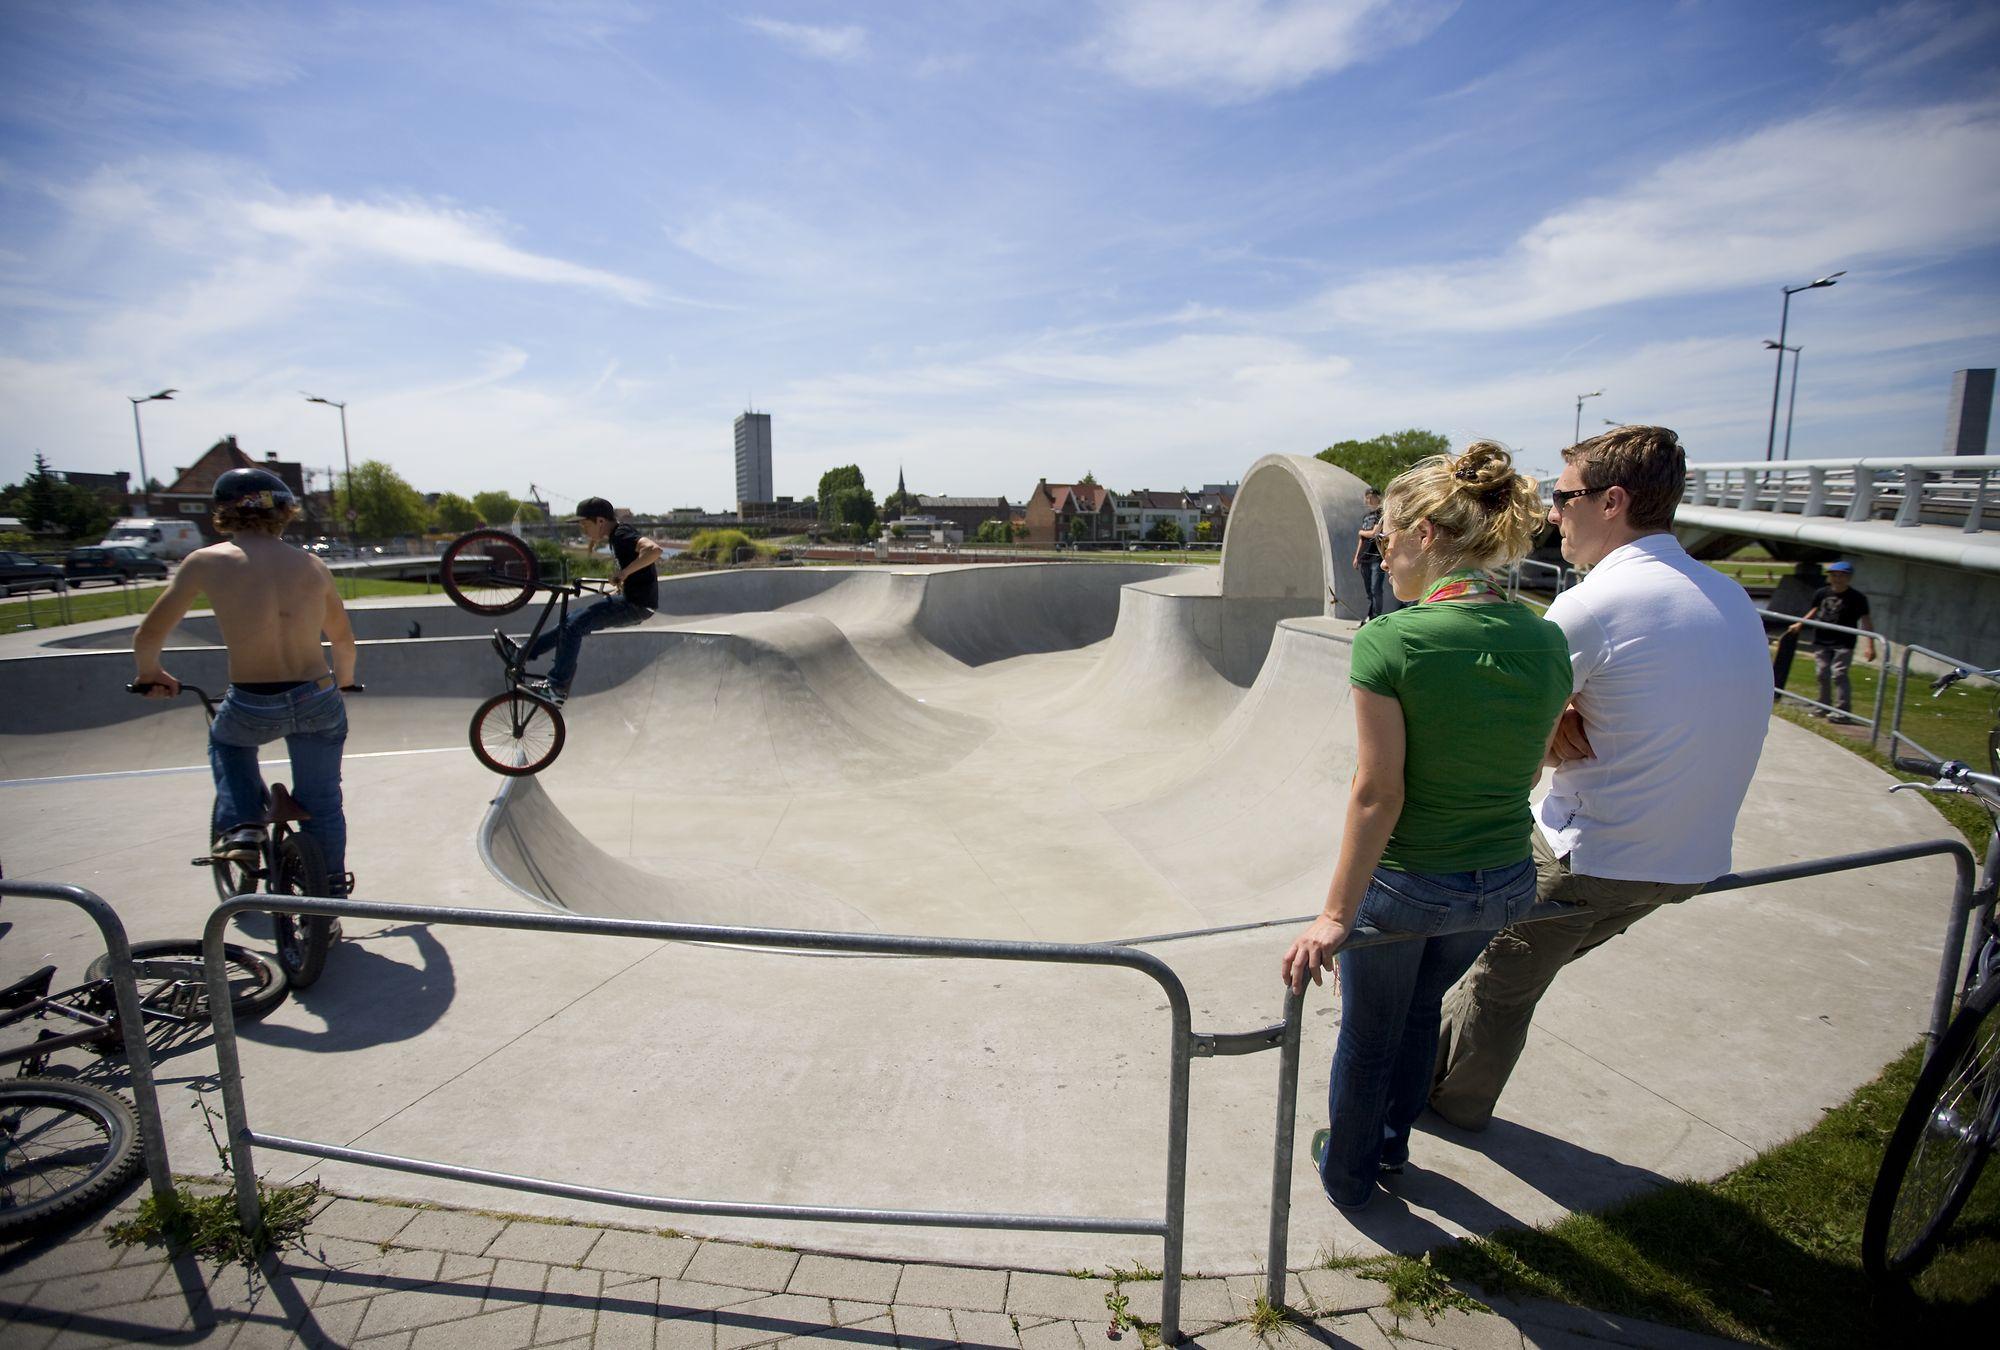 Skatebowl